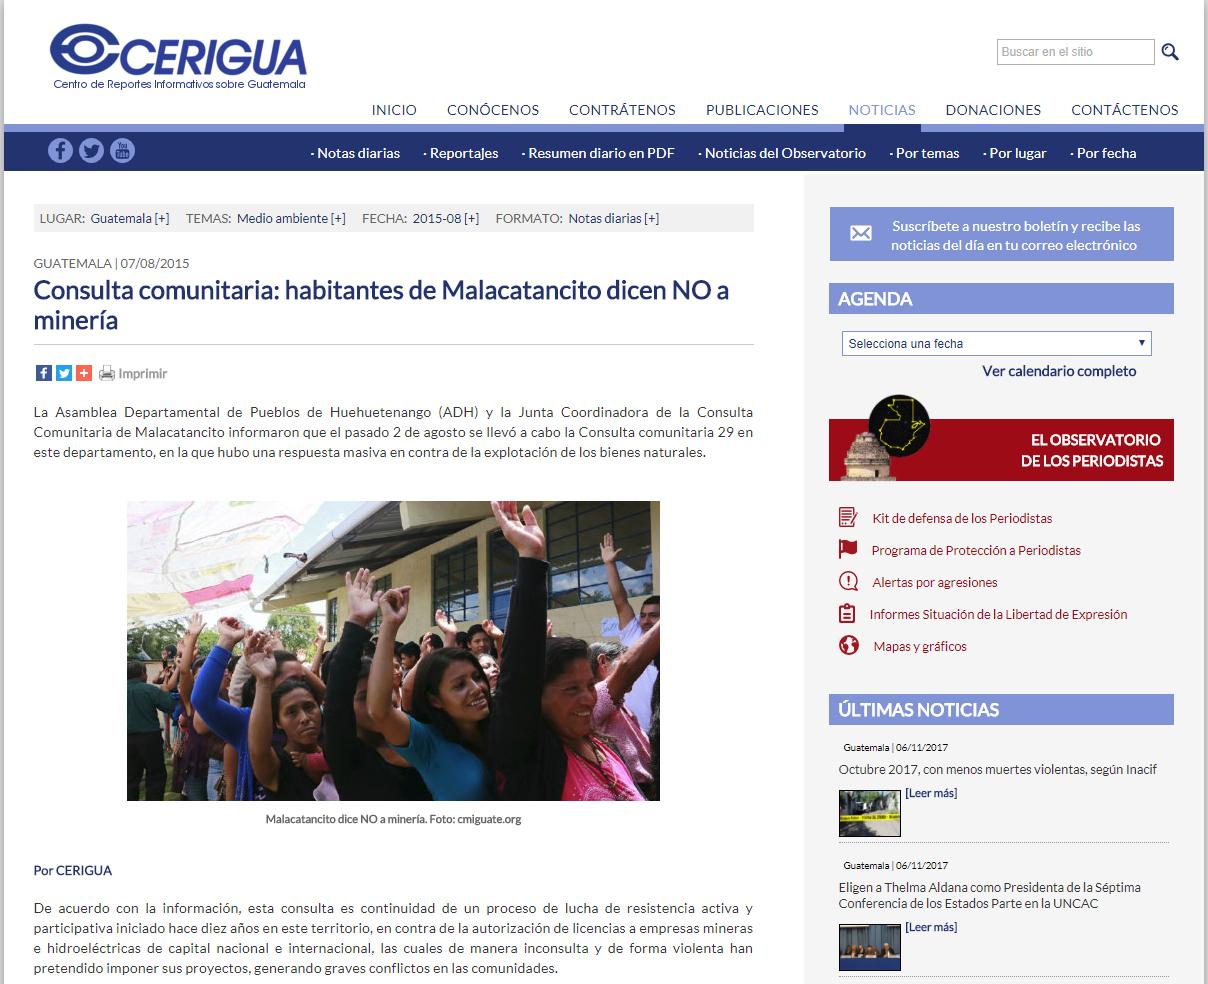 cerigua.png